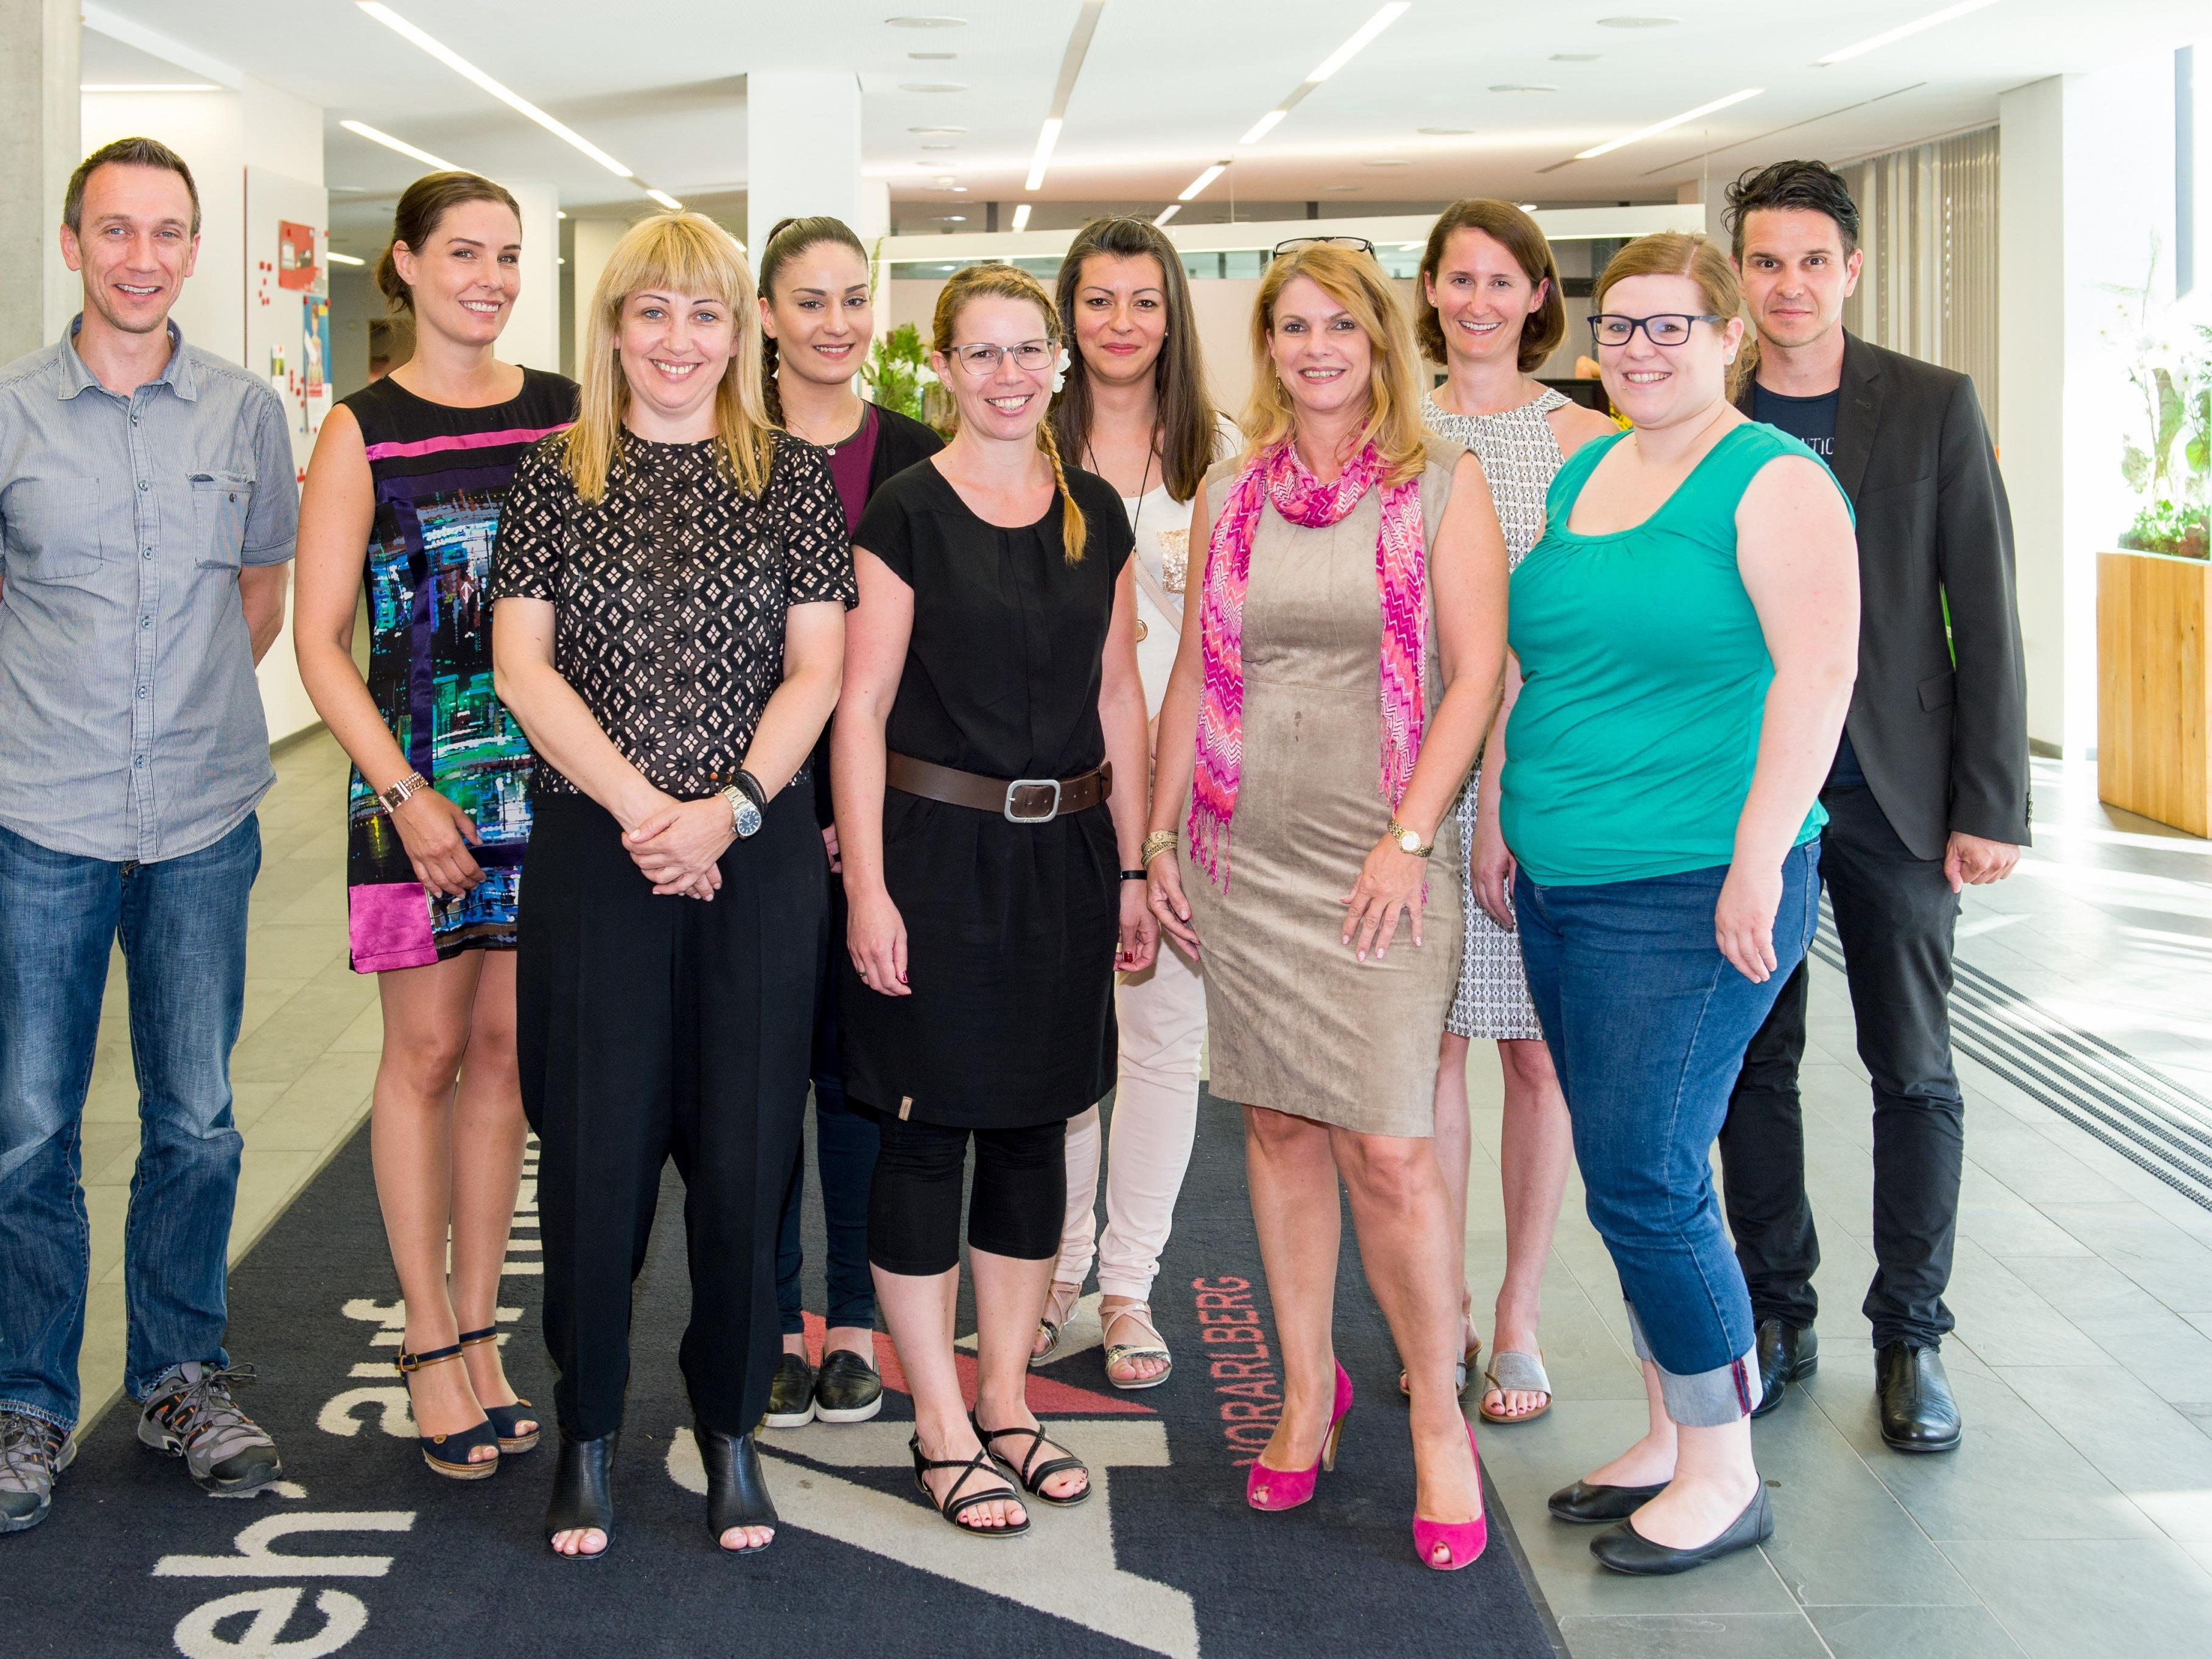 Sieben der neun erfolgreichen Kandidaten/innen mit Kursleiterin Frau Mag. Fischer (3.v.r.), Lehrgangsbetreuerin Frau Madlener (2.v.r.) und Produktmanager Mario Prünster, MAS vom BFI der AK Vorarlberg (r).